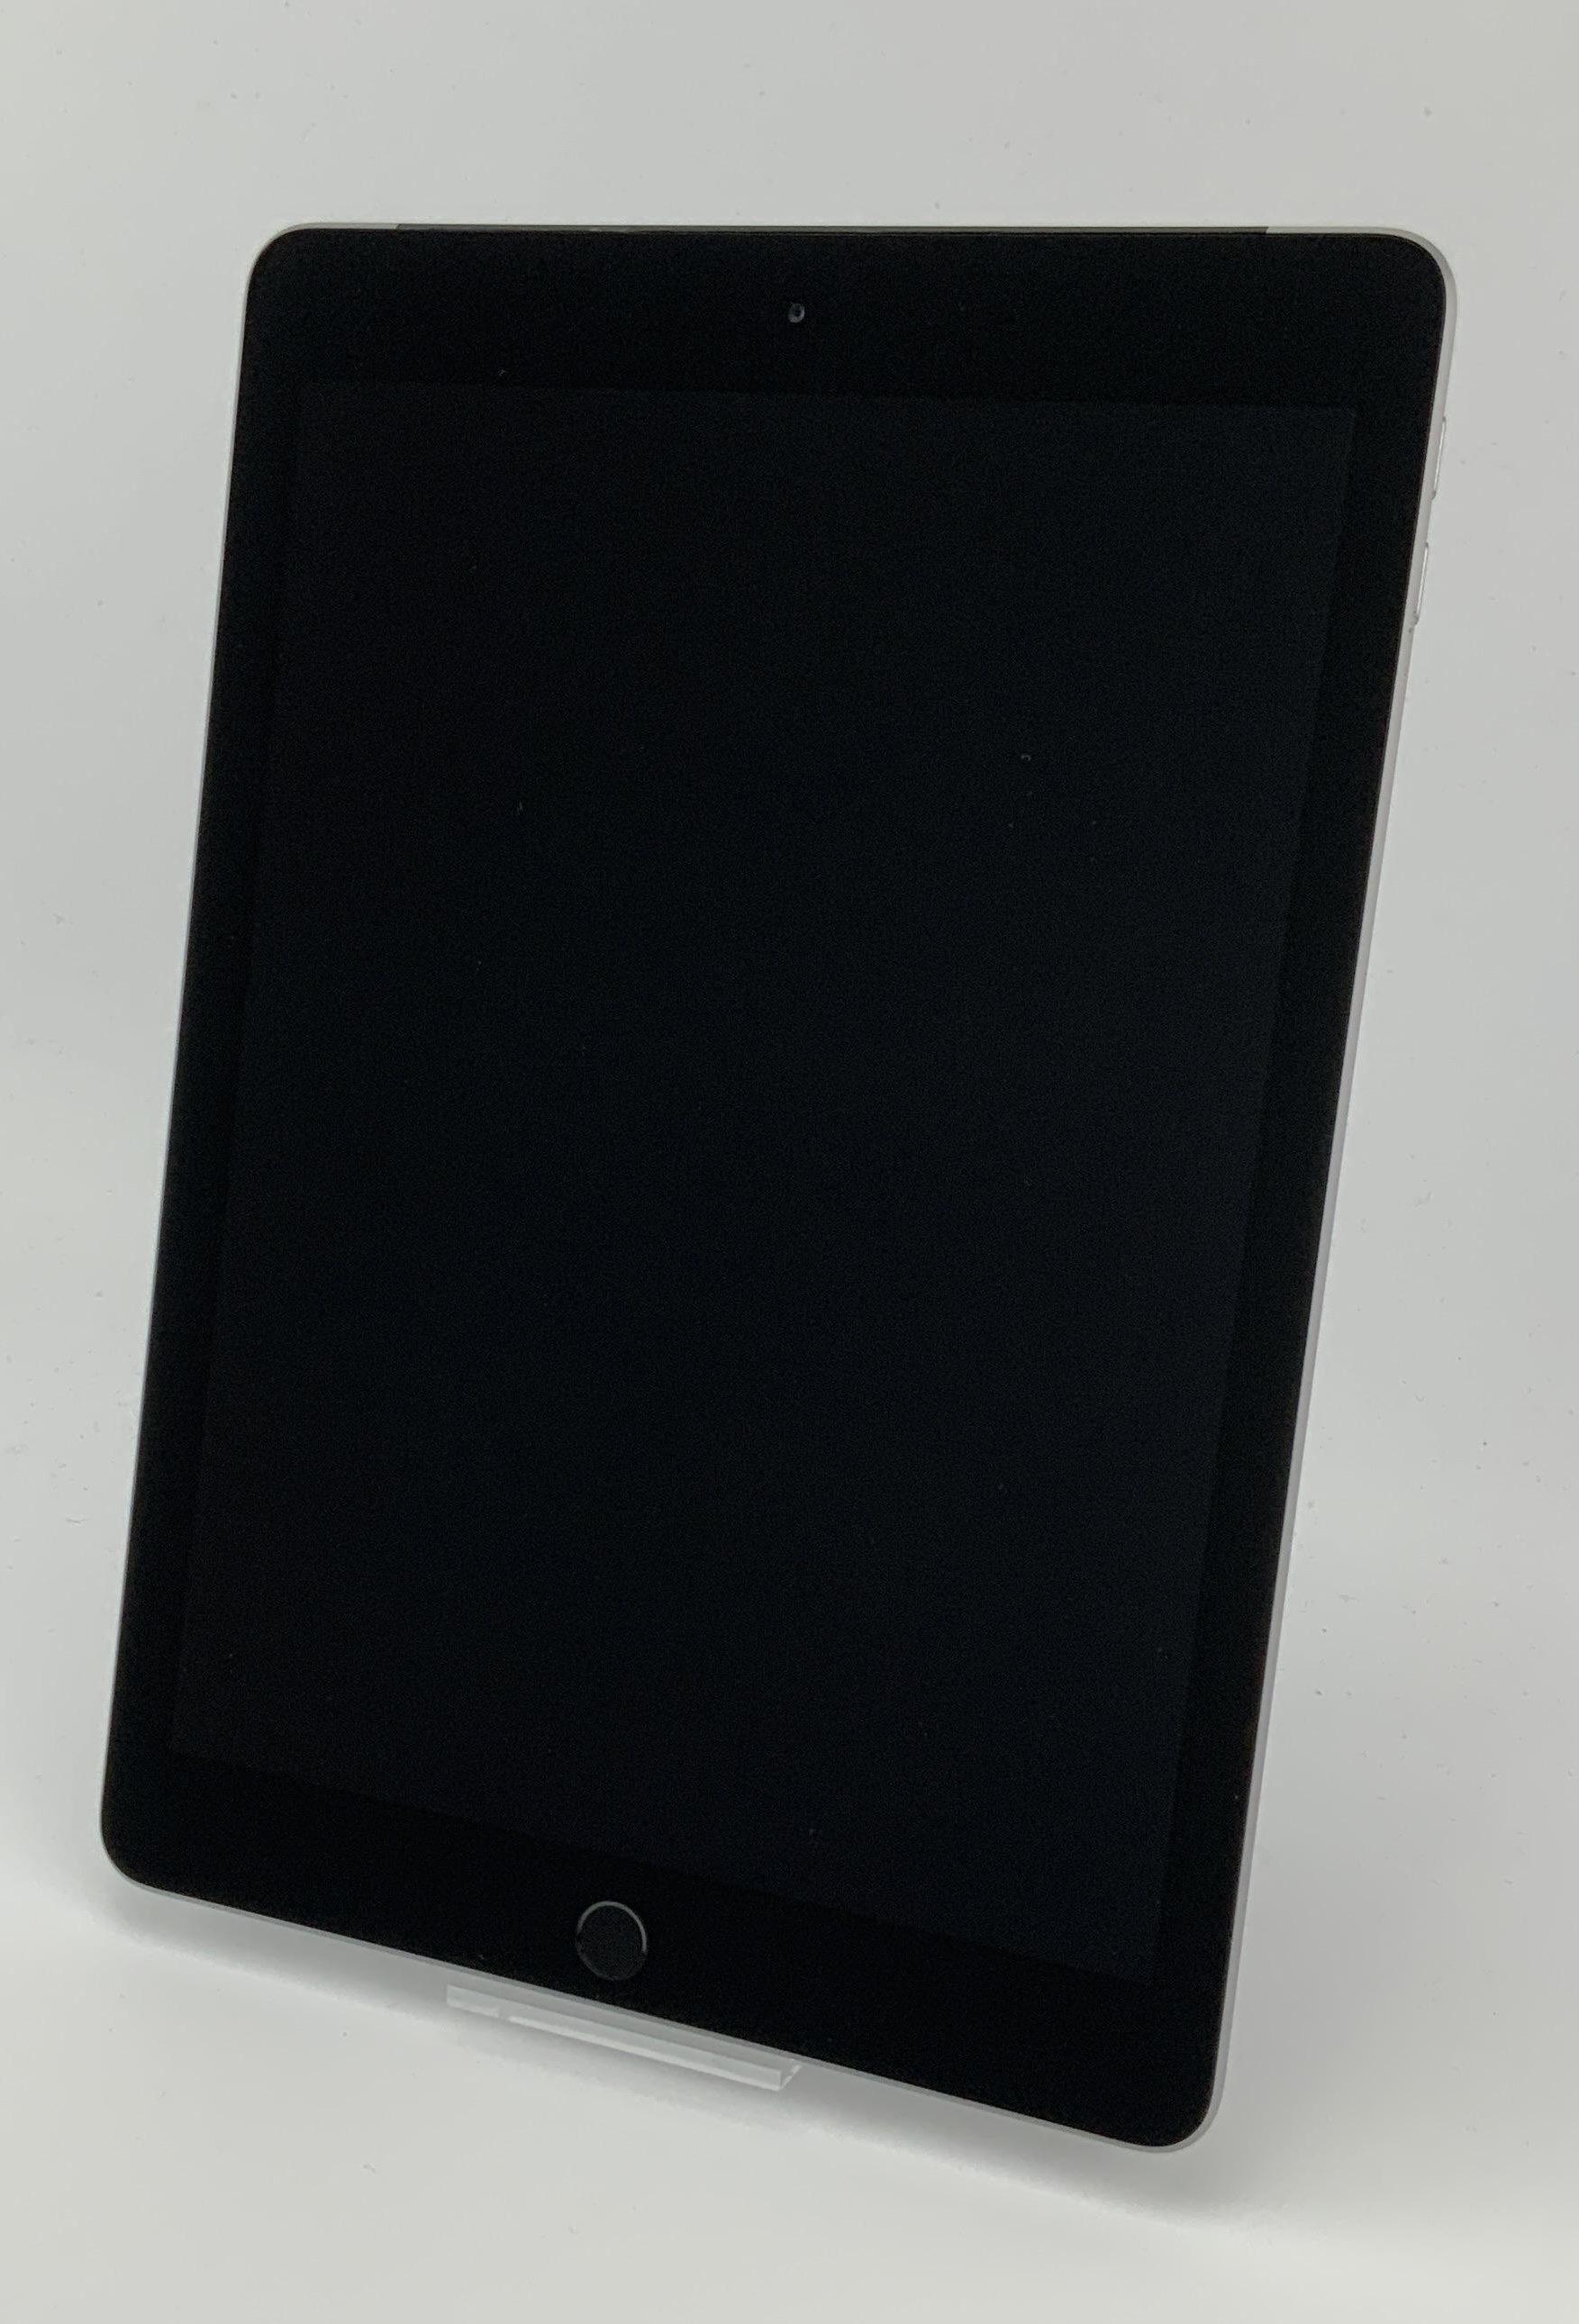 iPad 6 Wi-Fi + Cellular 32GB, 32GB, Space Gray, Afbeelding 1